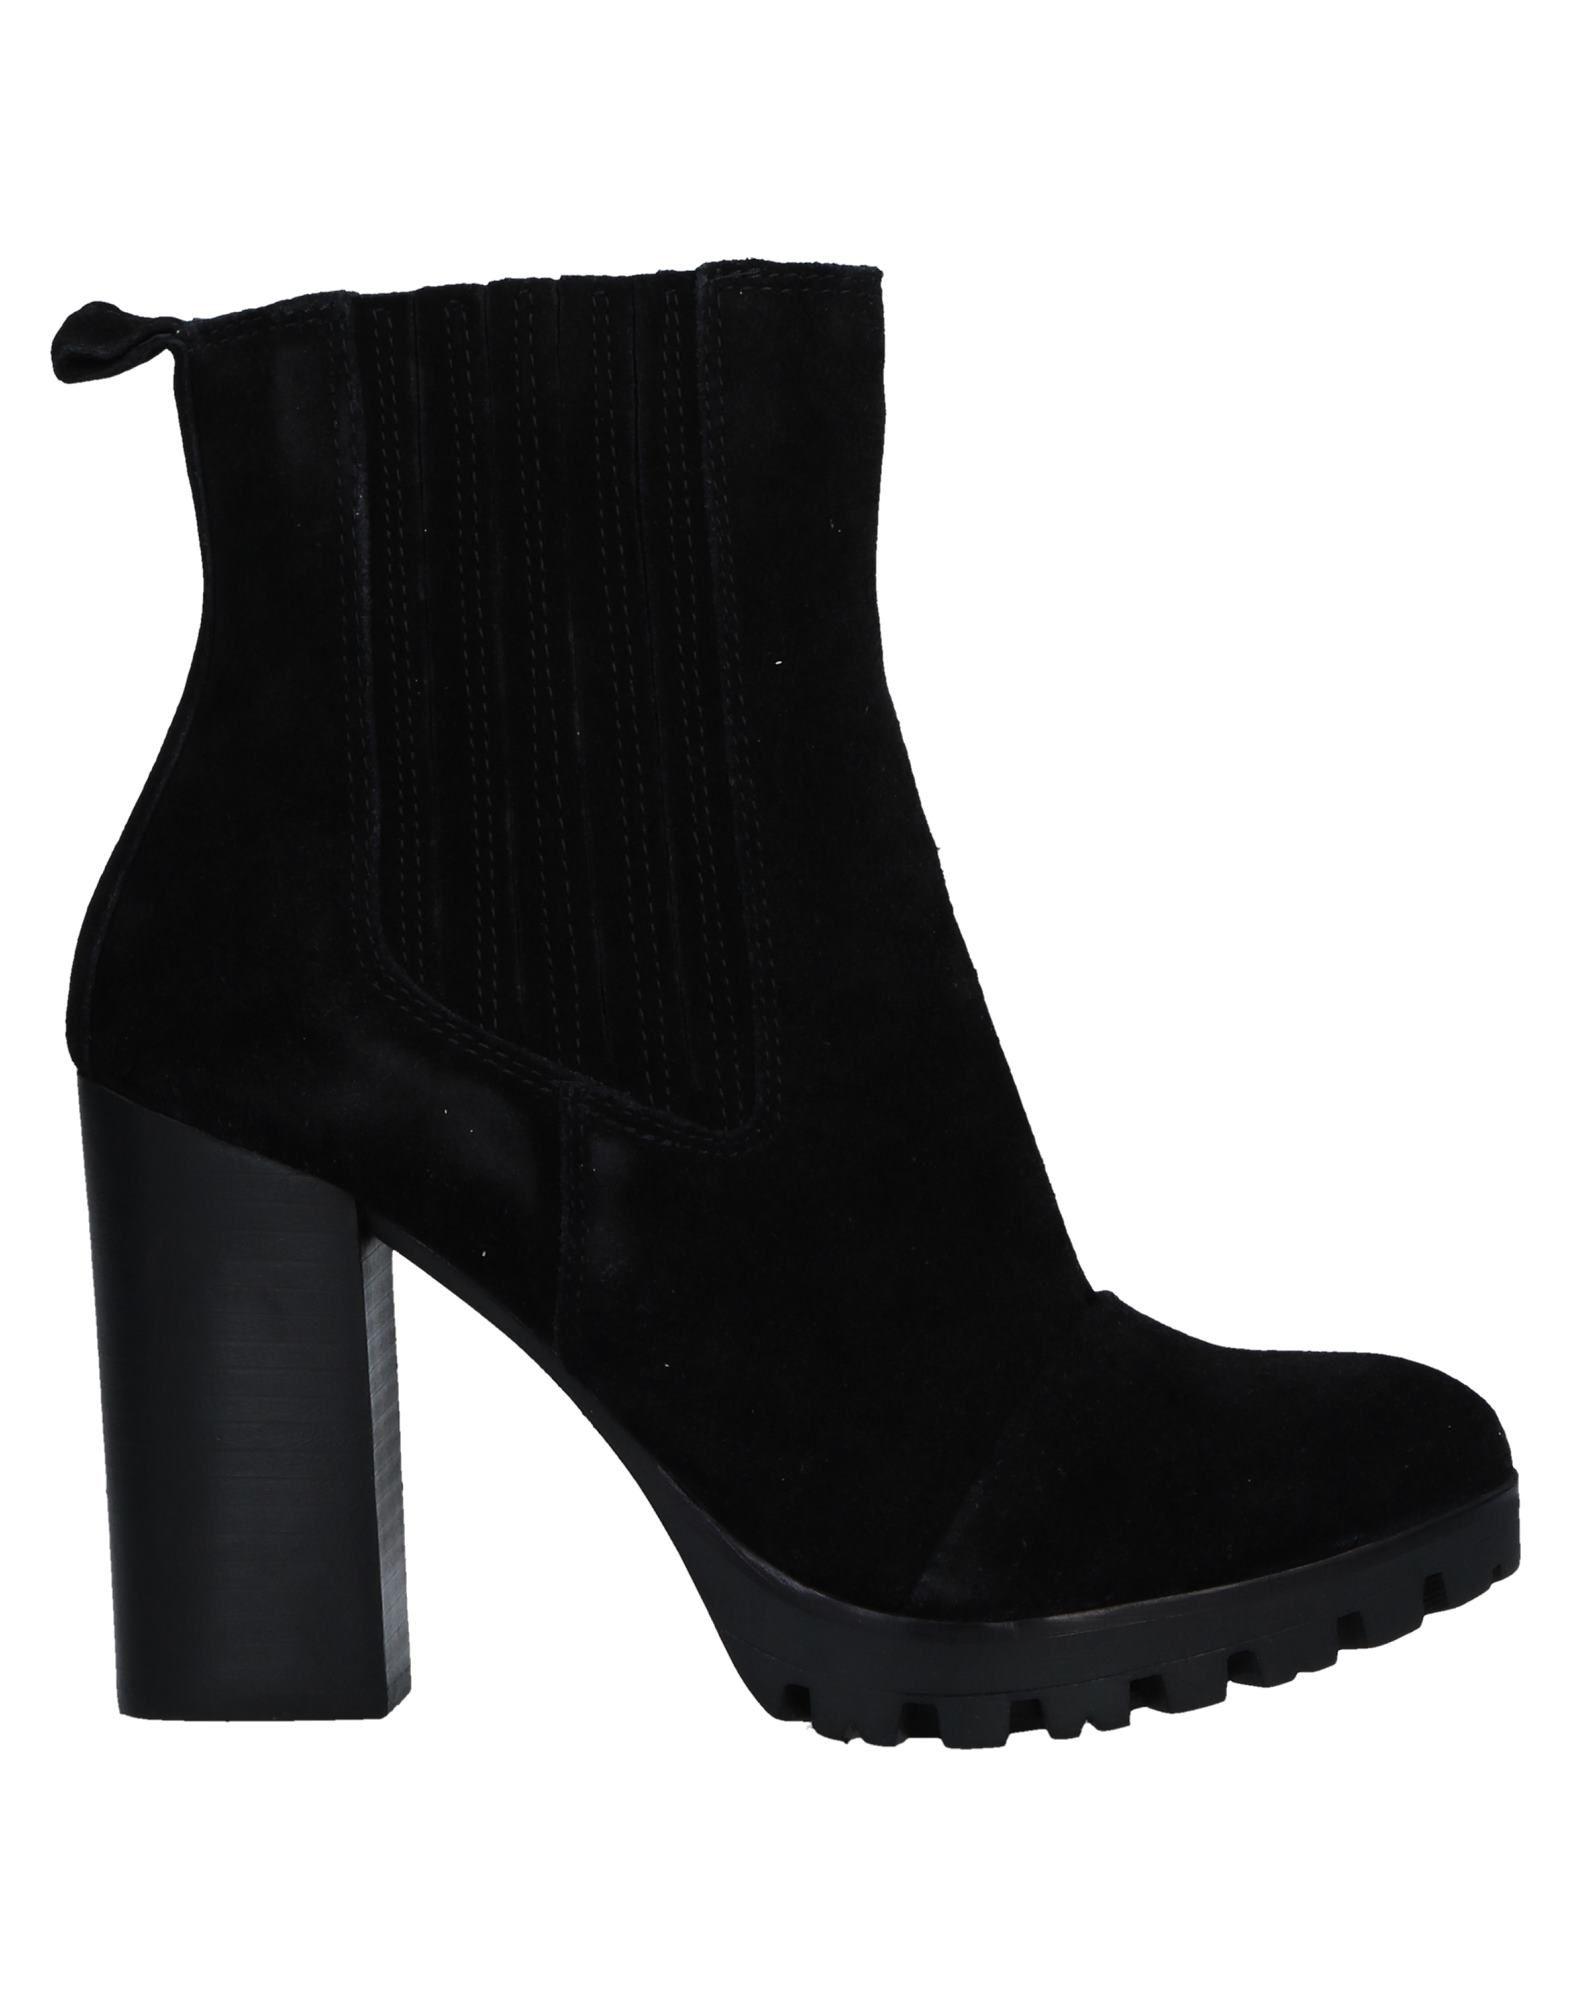 Gusto Stiefelette Damen  11520520GN Gute Qualität beliebte Schuhe